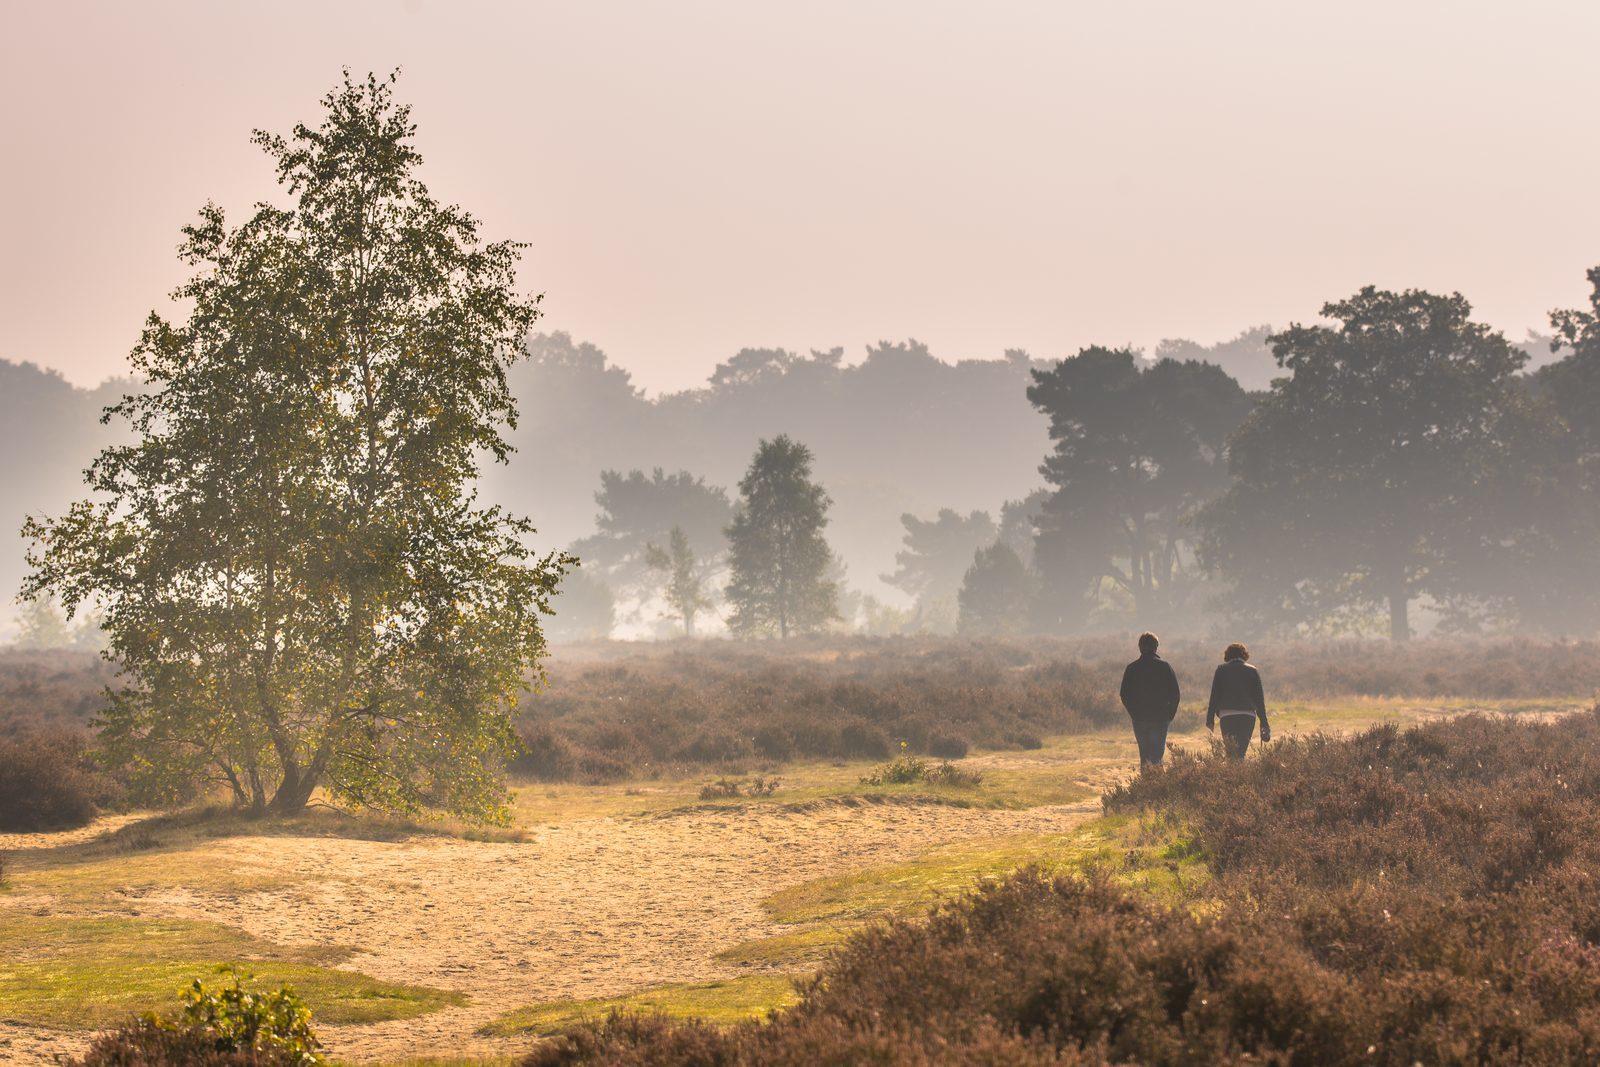 Gelderland opnieuw populair bij vakantiegangers